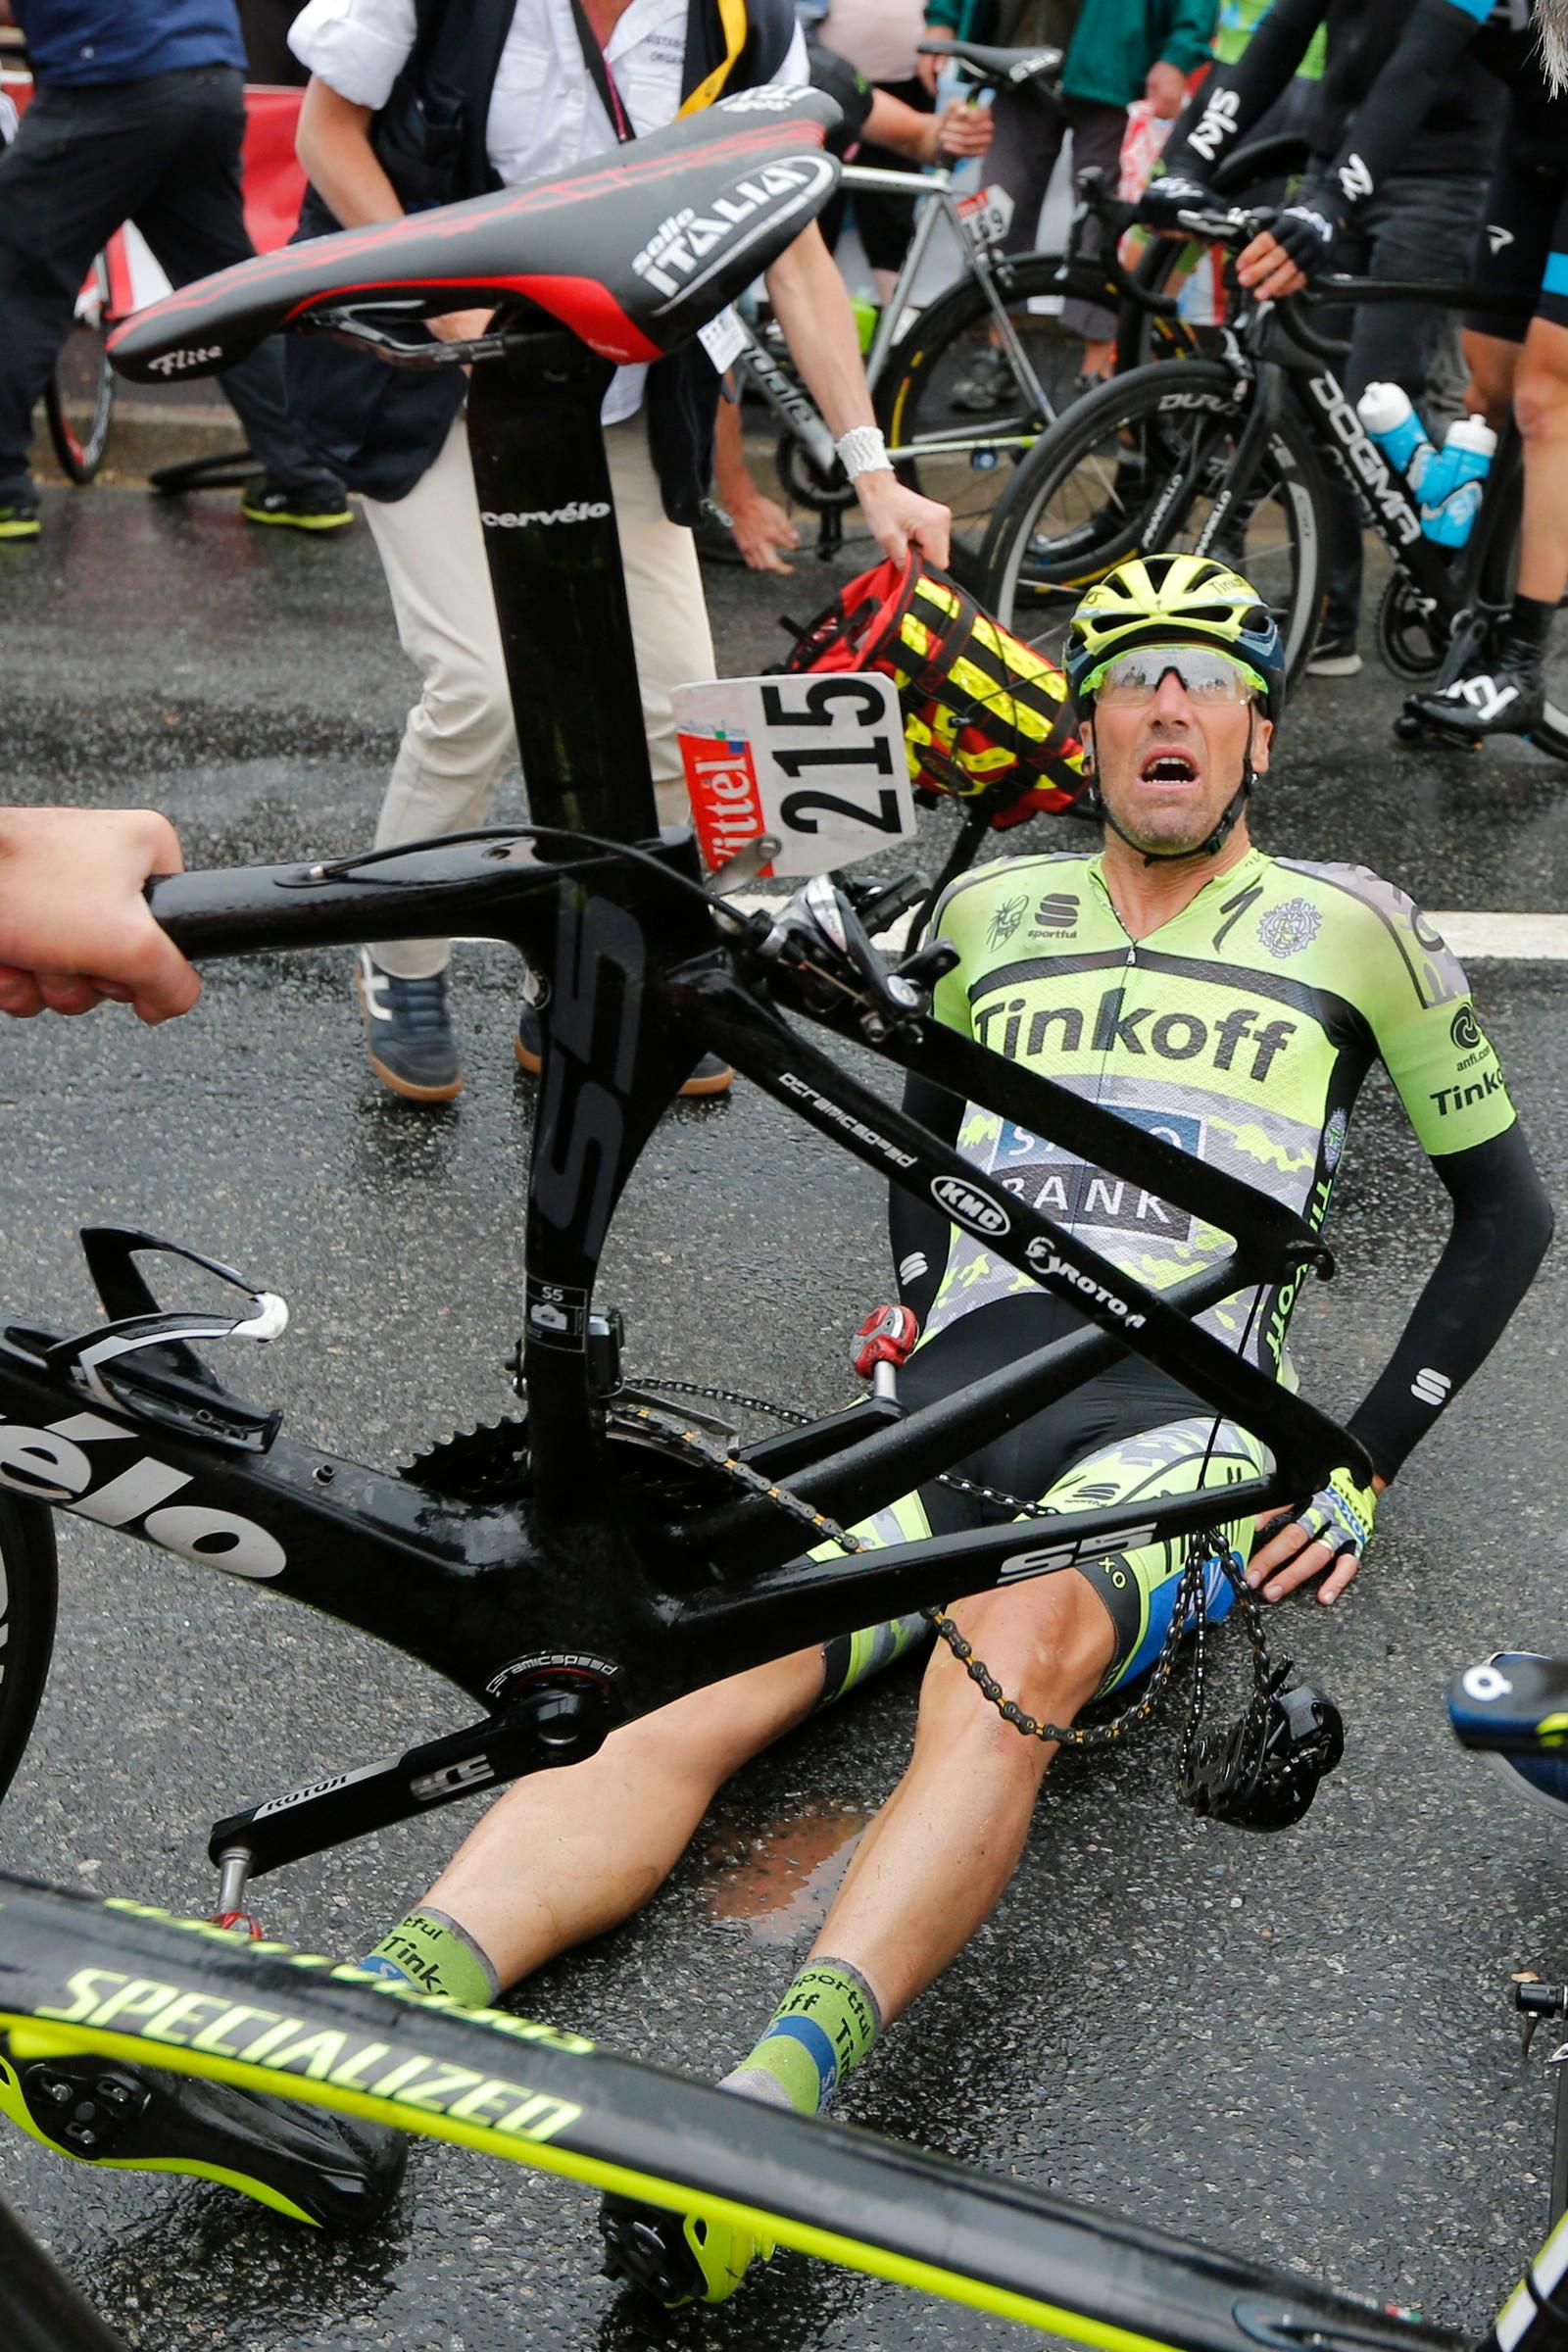 Italieneren Matteo Tosatto etter krasjet. (AP Photo/Christophe Ena)